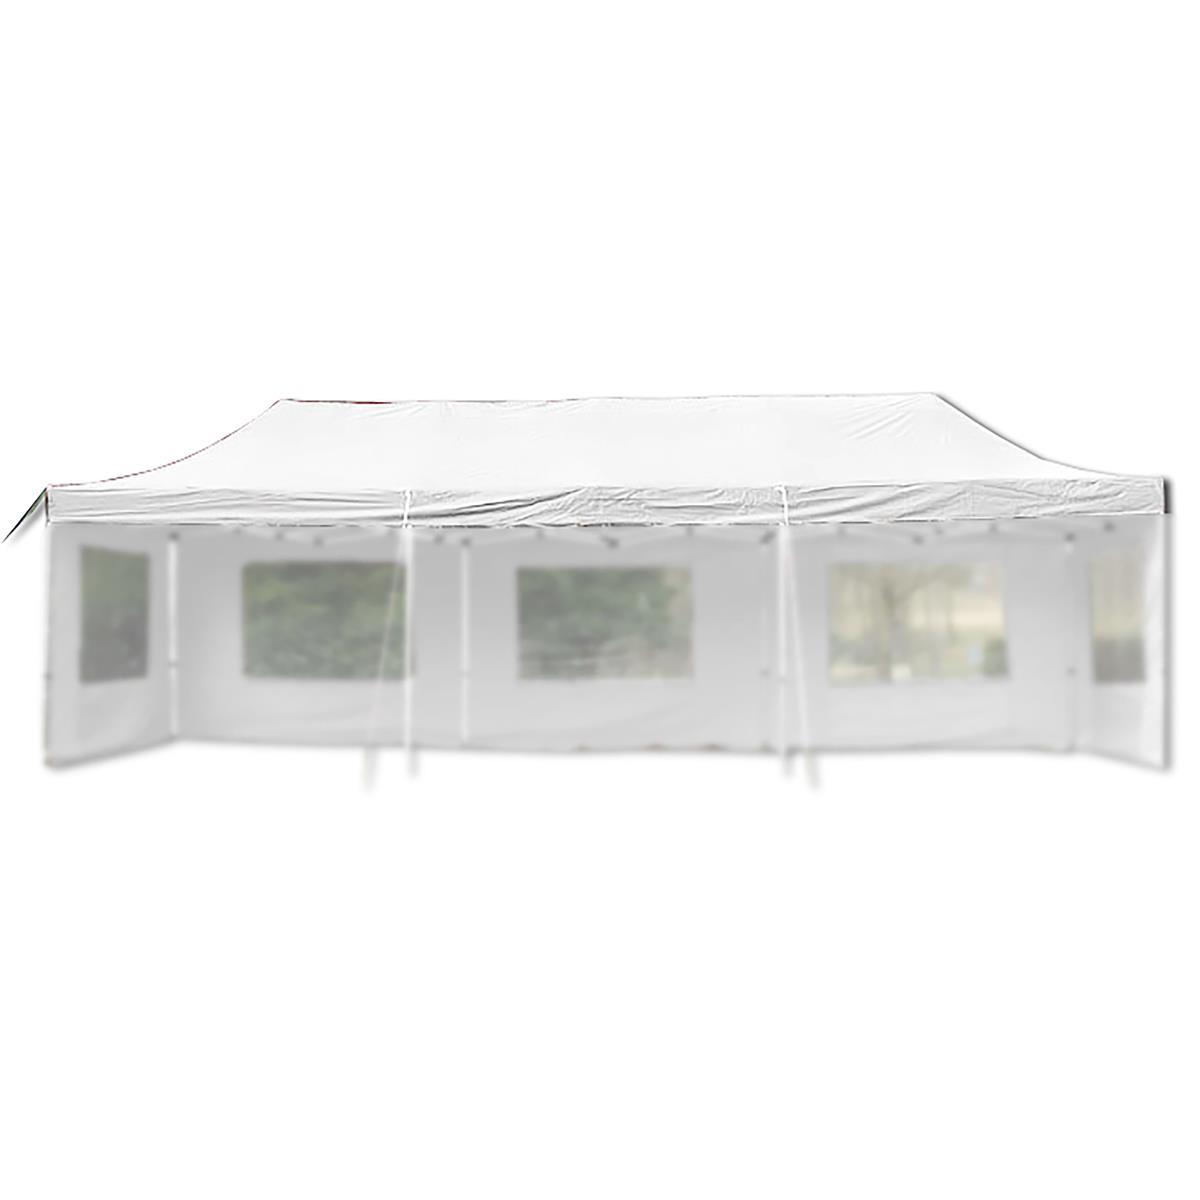 bílá střecha 3x9 m